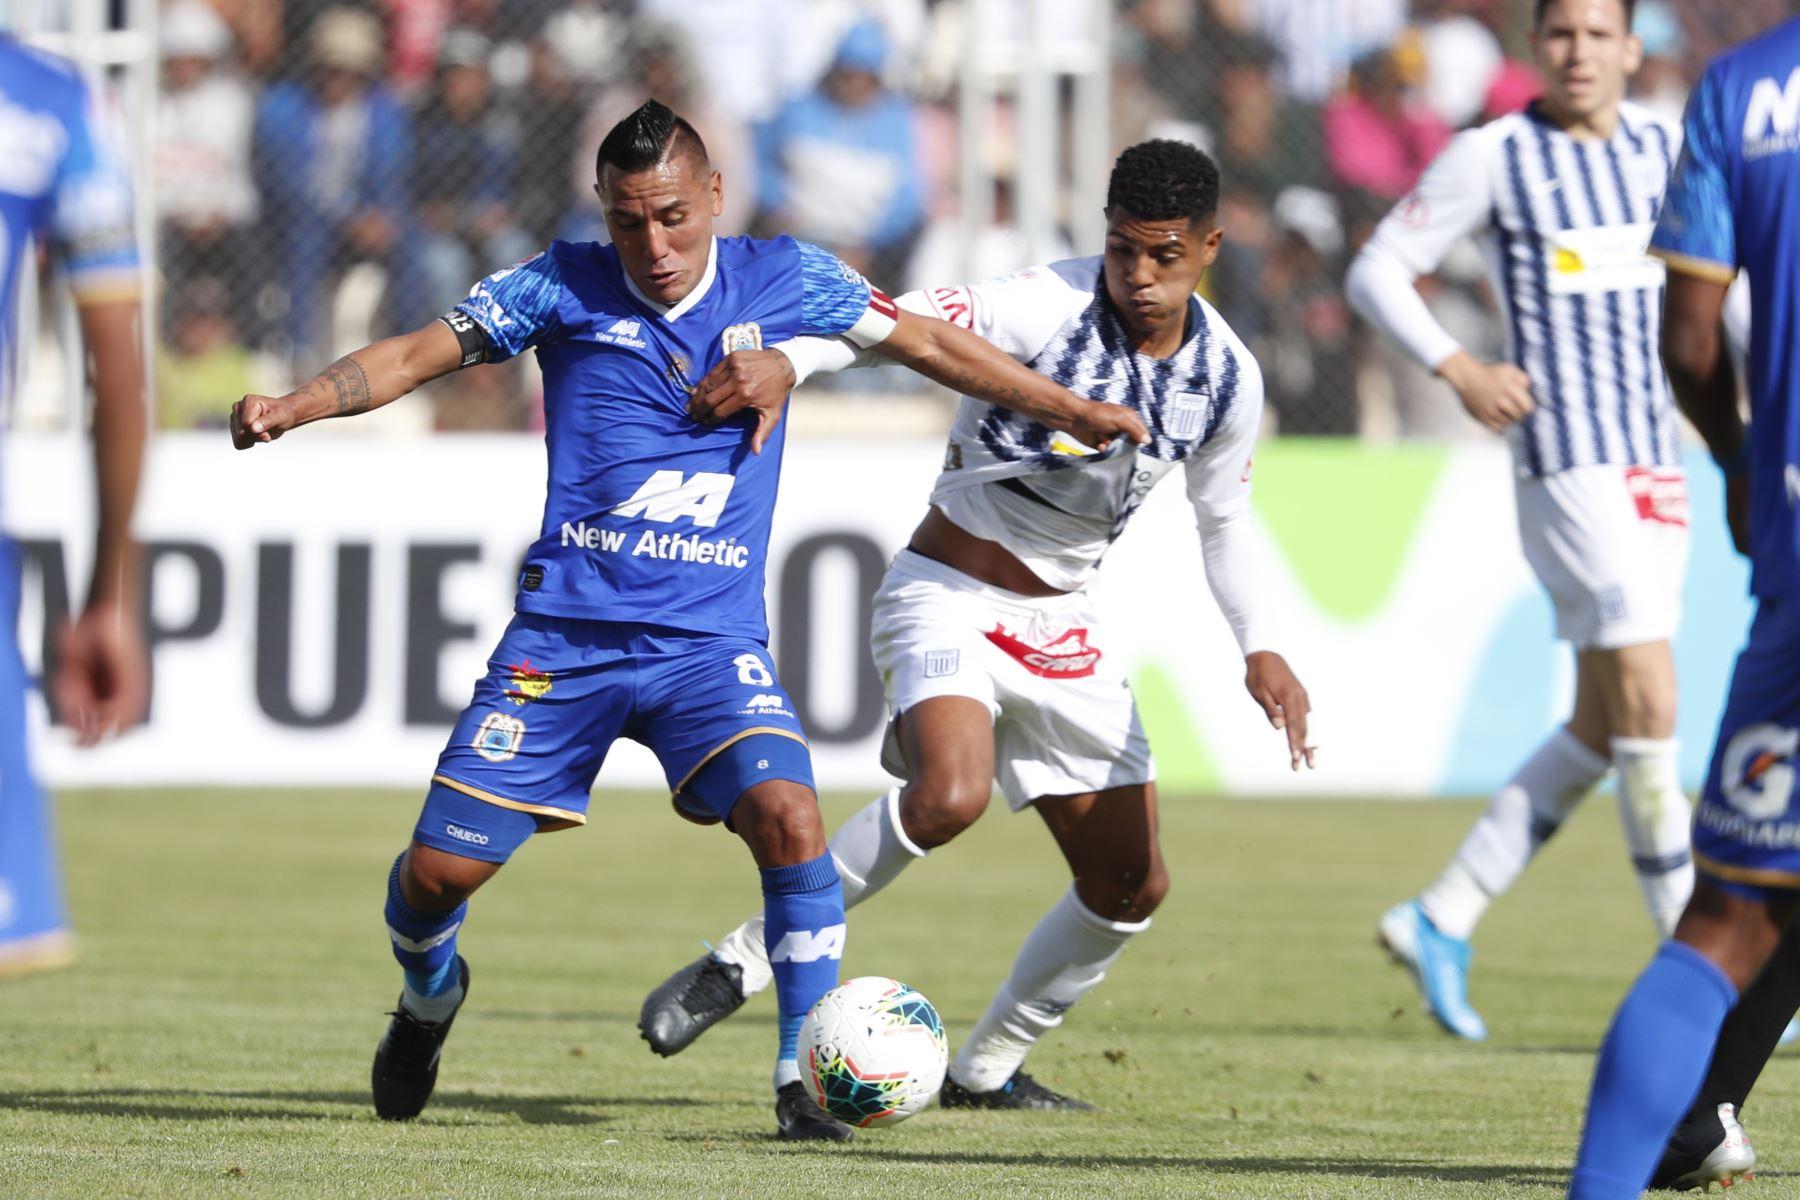 Alianza Lima vs Binacional en el partido de ida en la final del fútbol peruano por la Liga 1, en la ciudad de Juliaca – Puno. Foto: ANDINA/Carlos Lezama